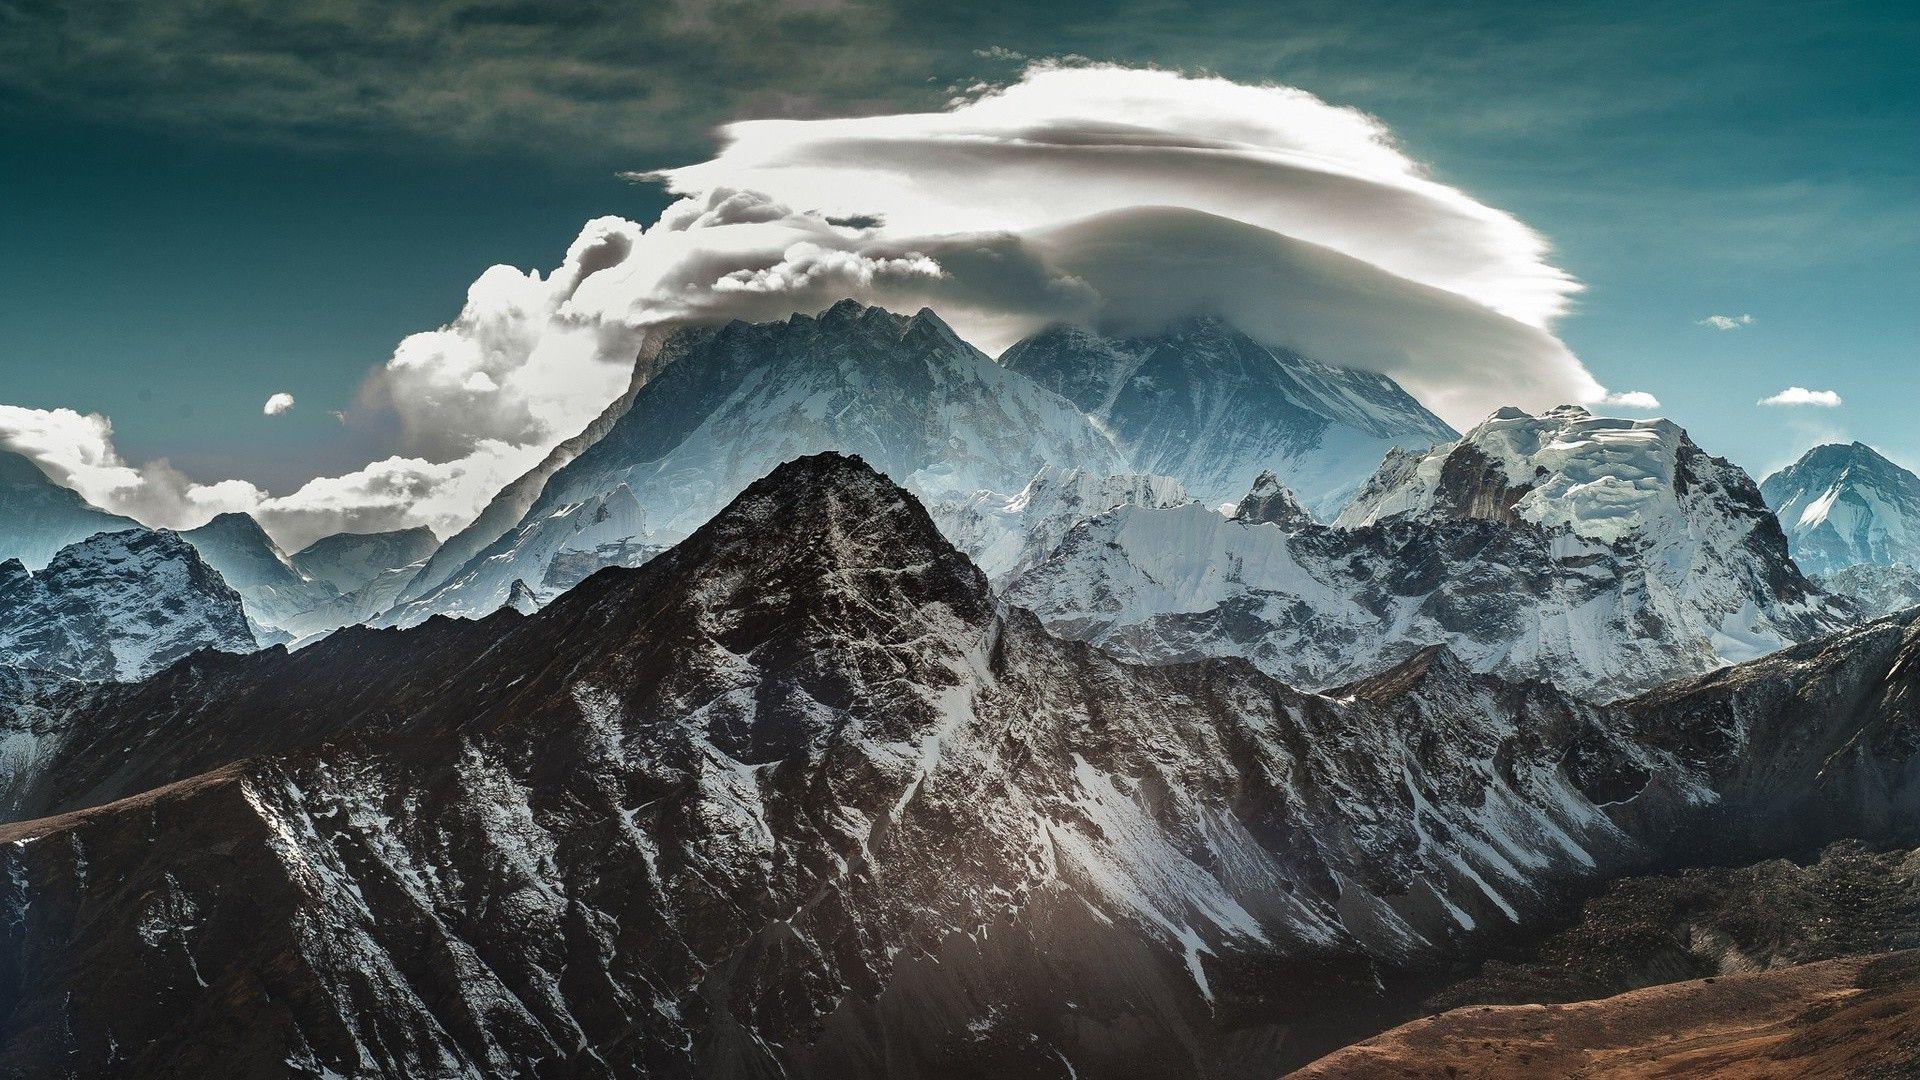 Tibet Himalayan Wallpapers Top Free Tibet Himalayan Backgrounds Wallpaperaccess